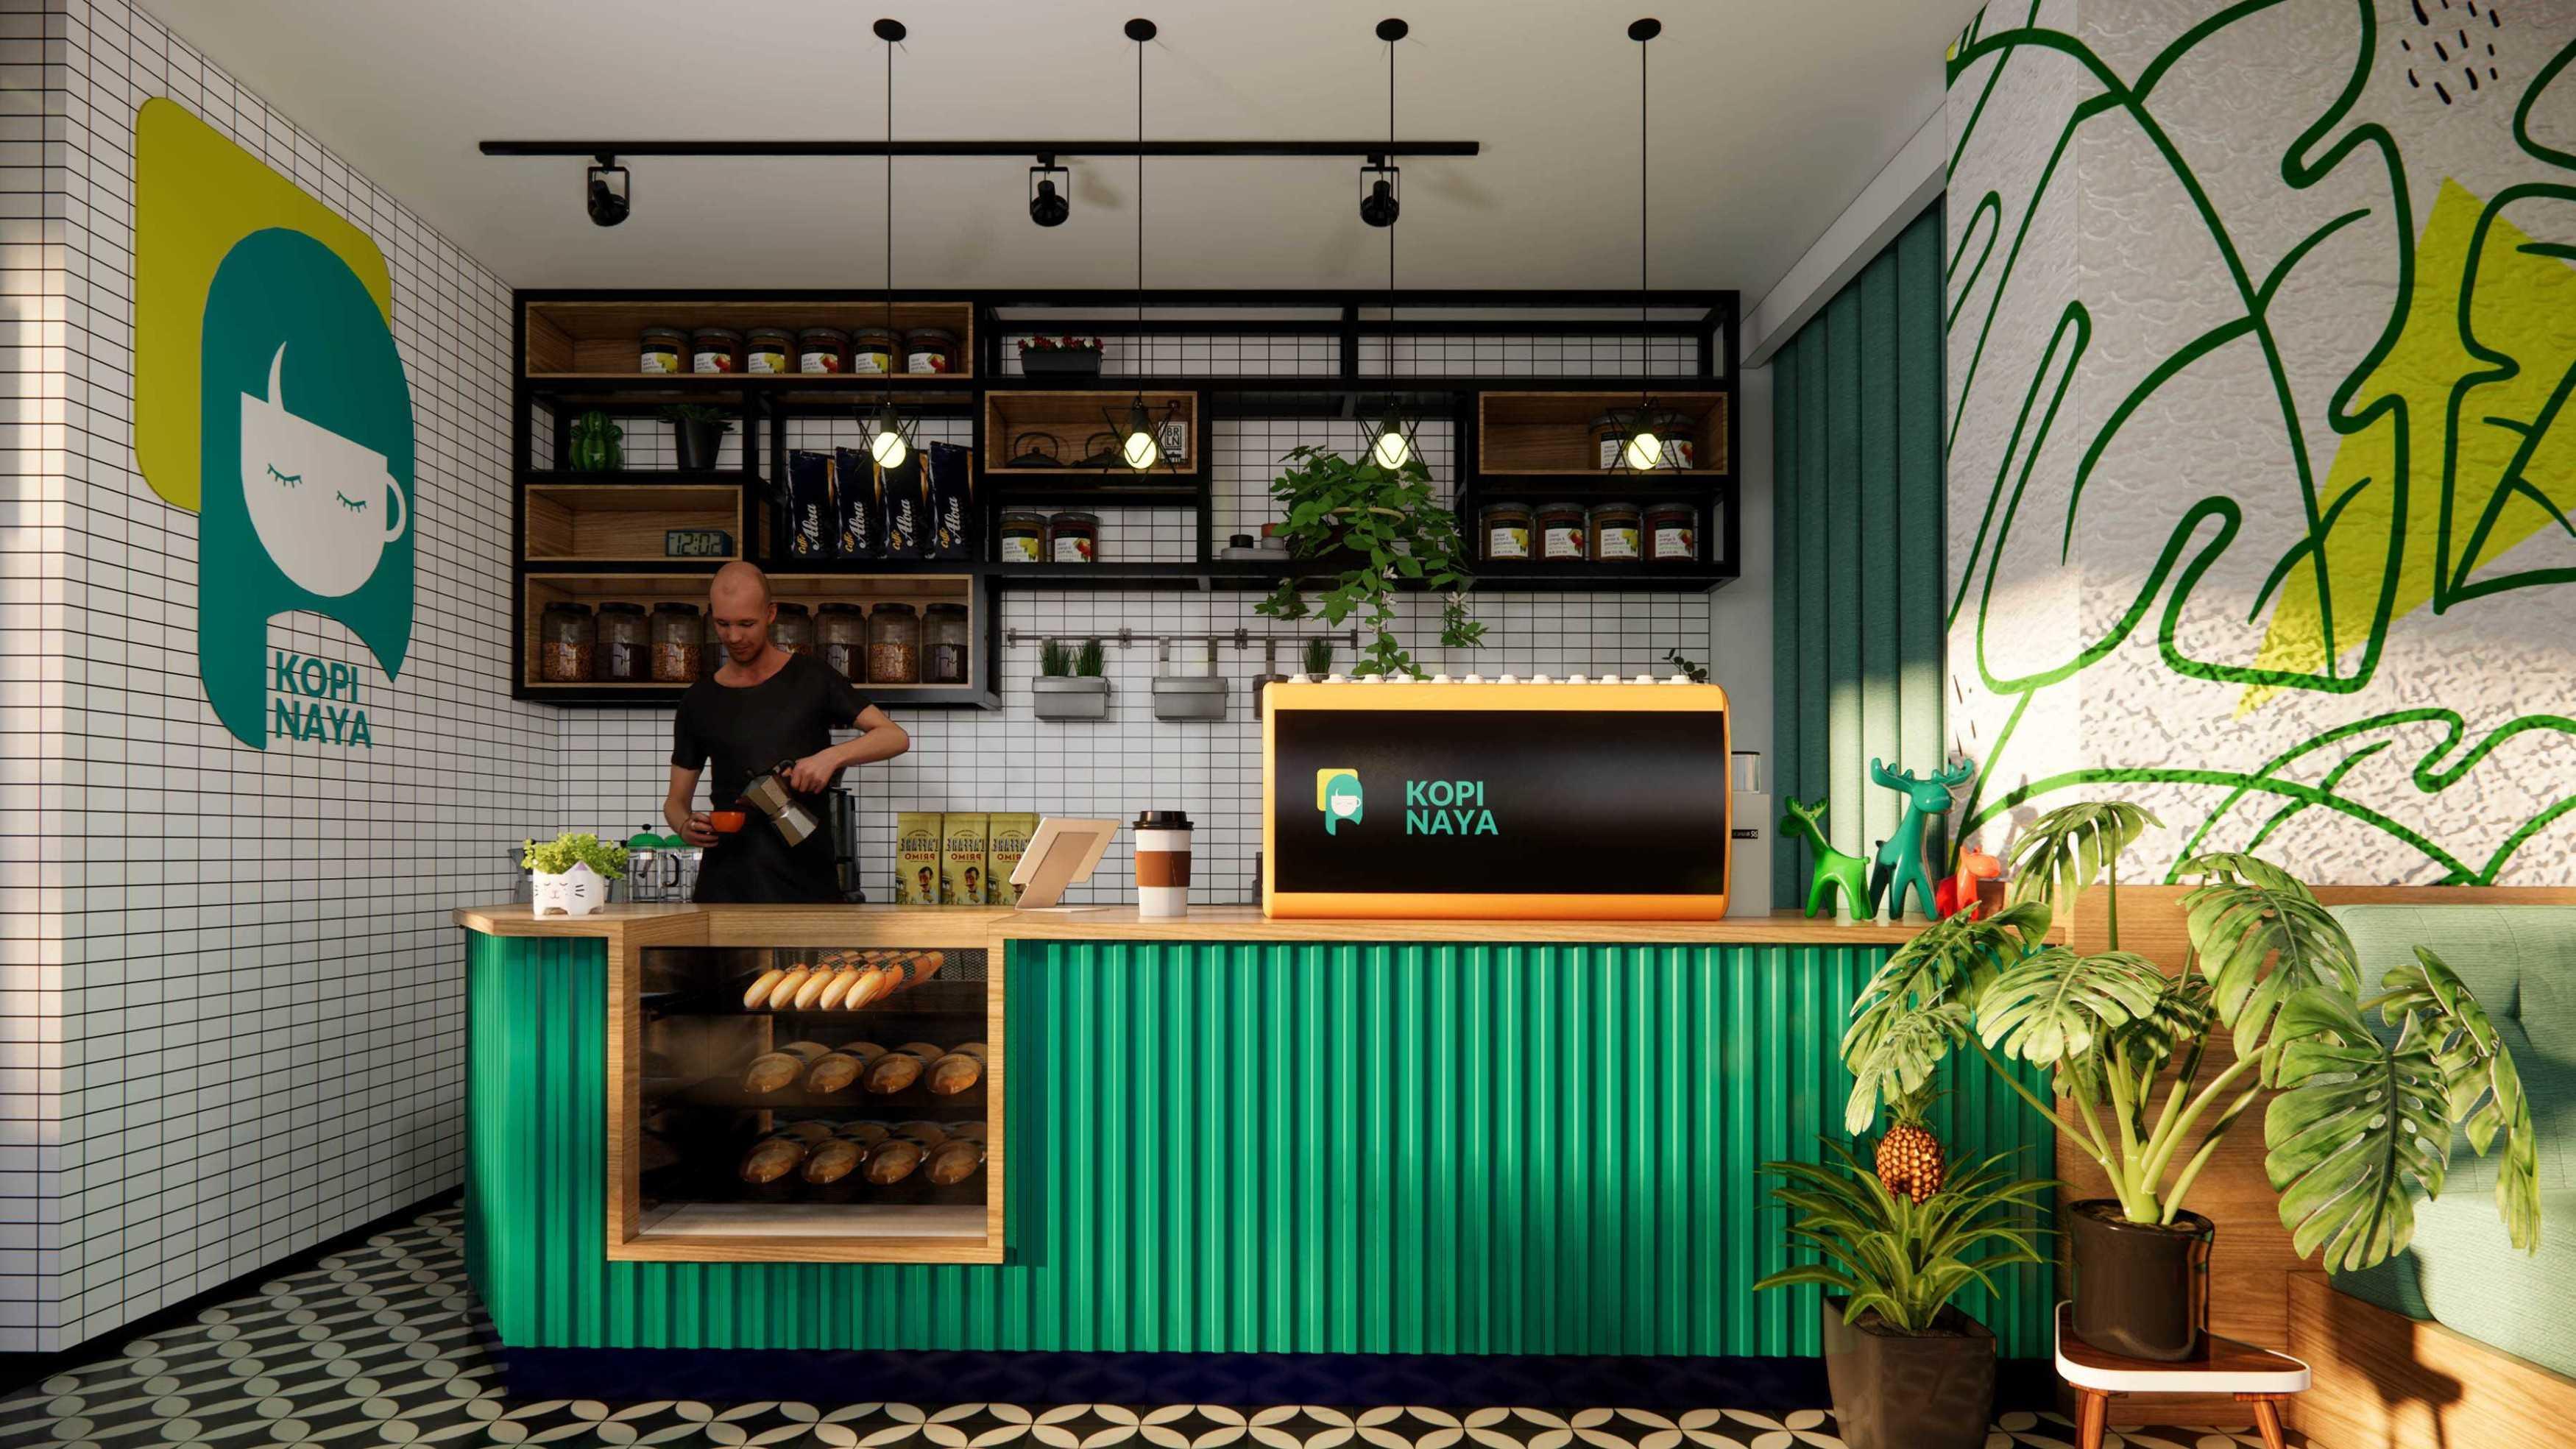 Atelier Rzk Naya Coffee Bekasi, Kota Bks, Jawa Barat, Indonesia Bekasi, Kota Bks, Jawa Barat, Indonesia Atelier-Rzk-Naya-Coffee   133486